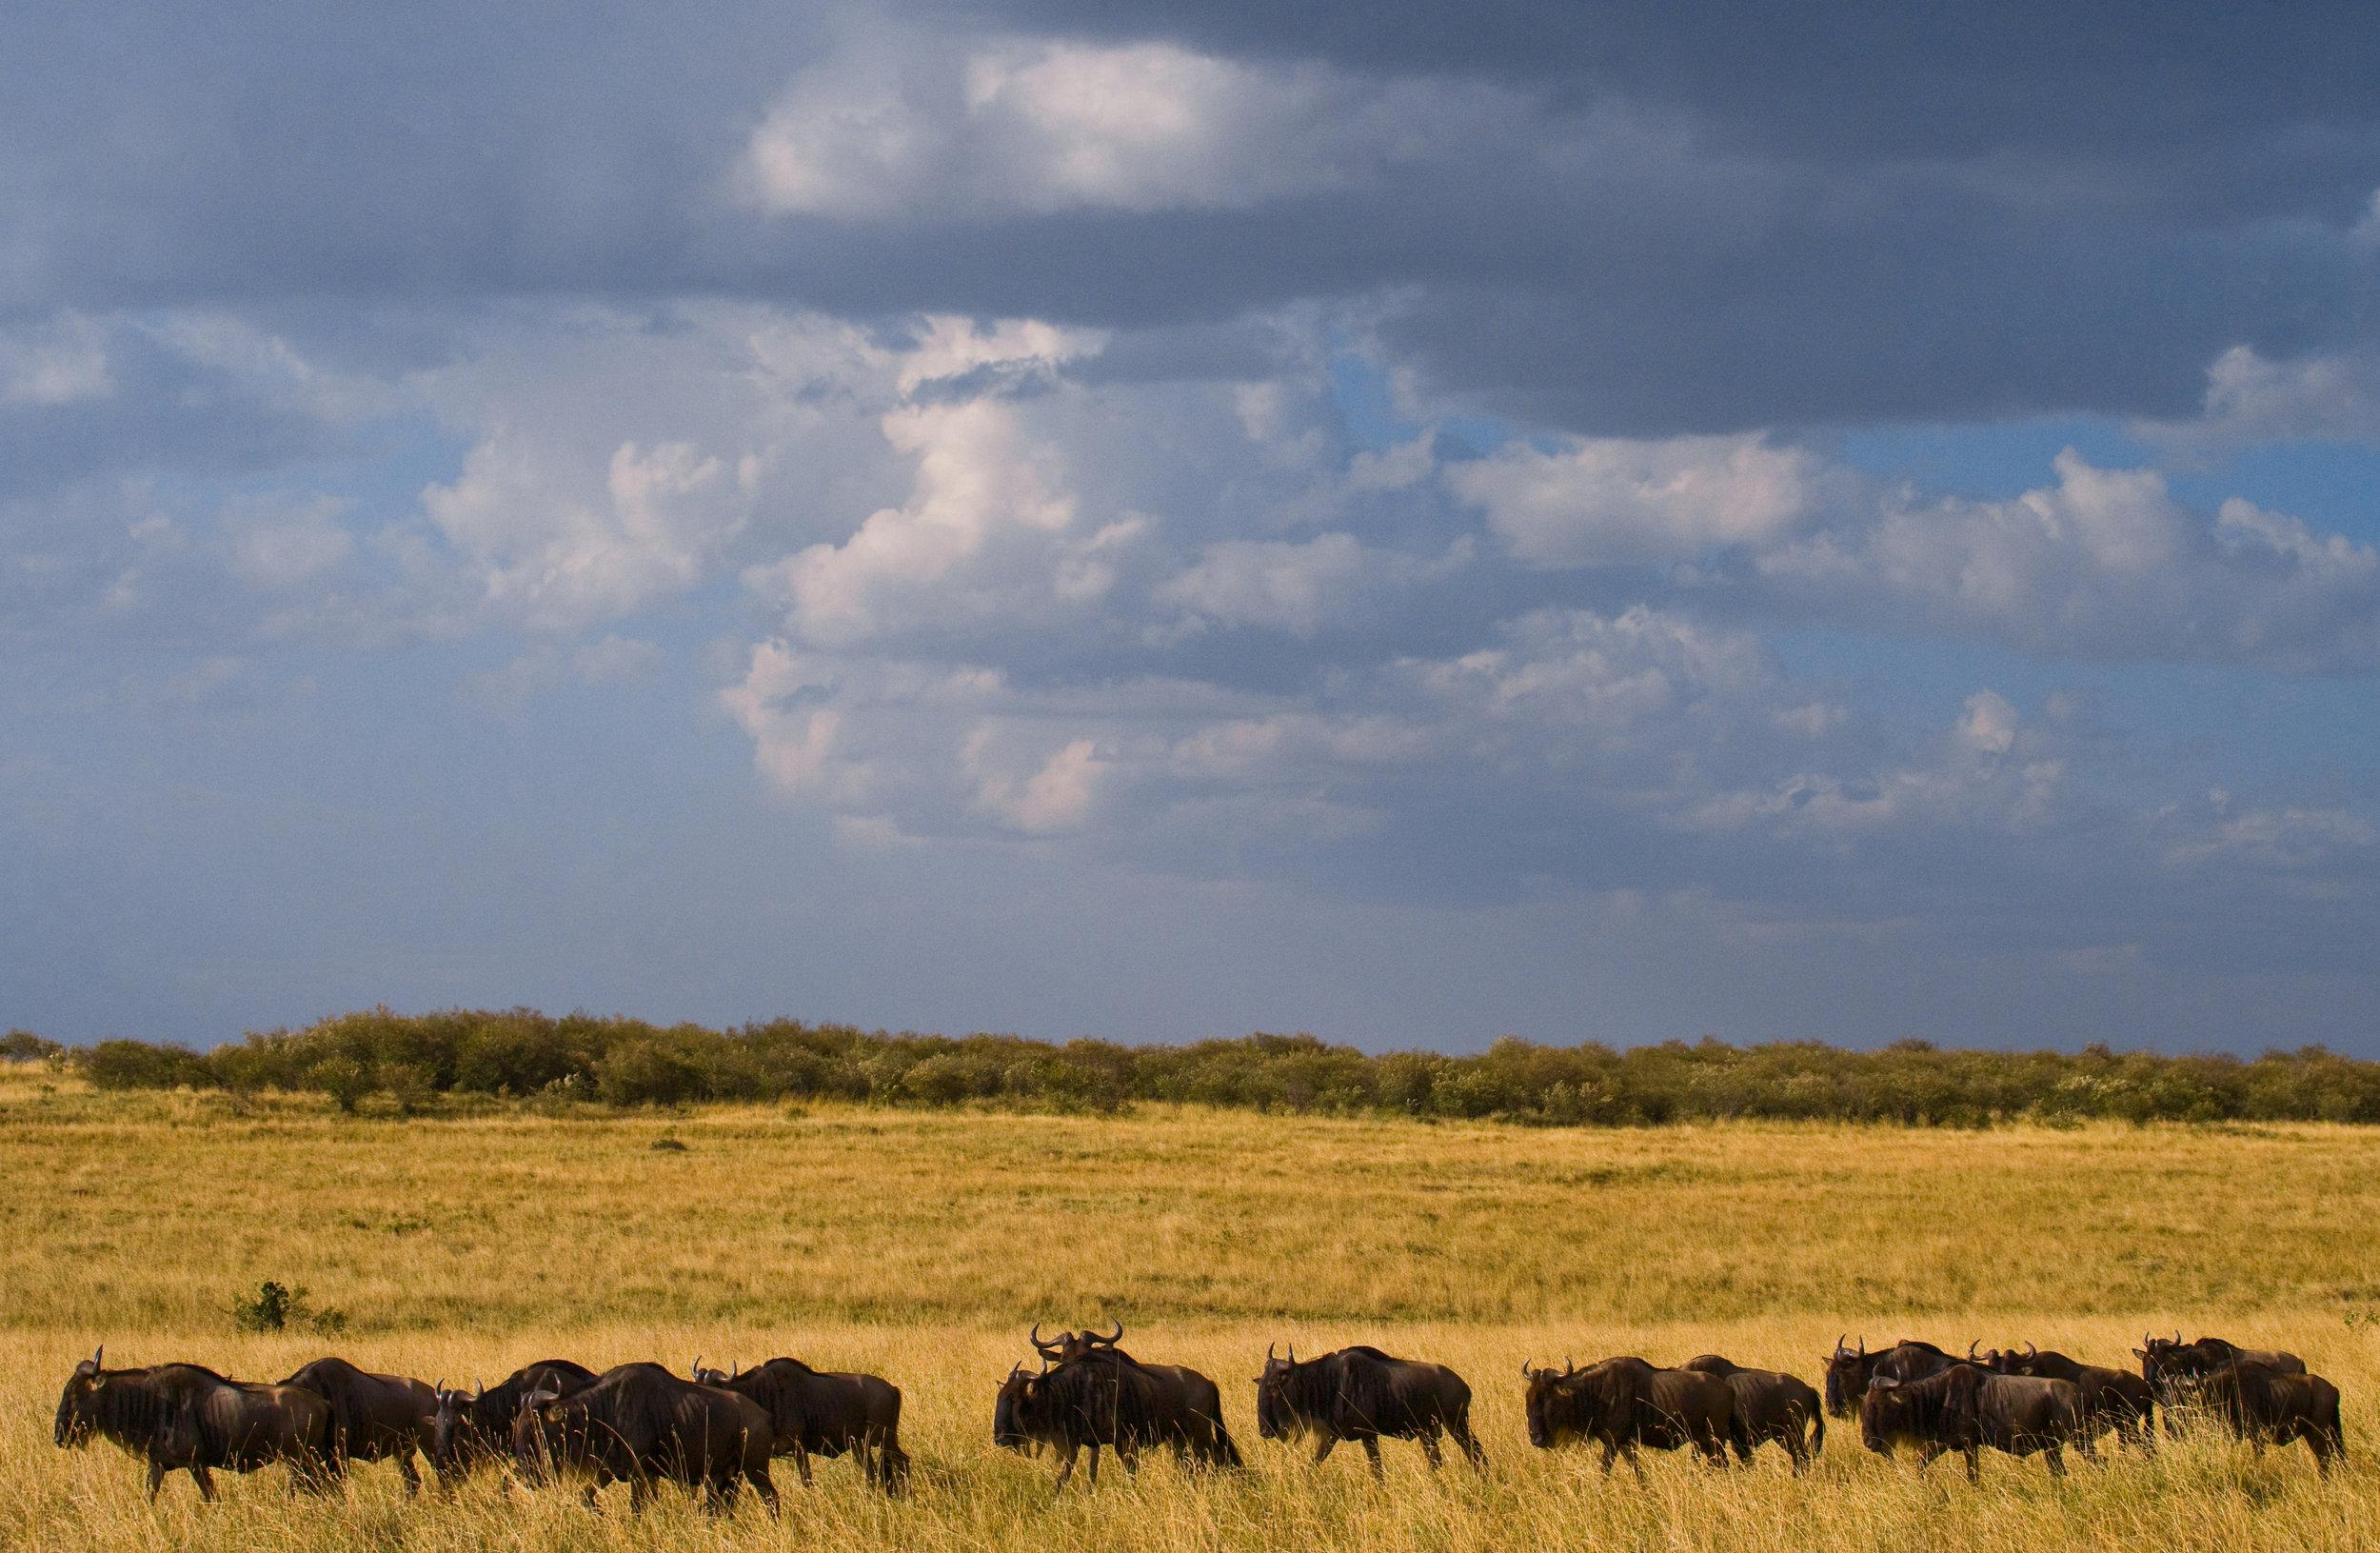 Wildebeests: -